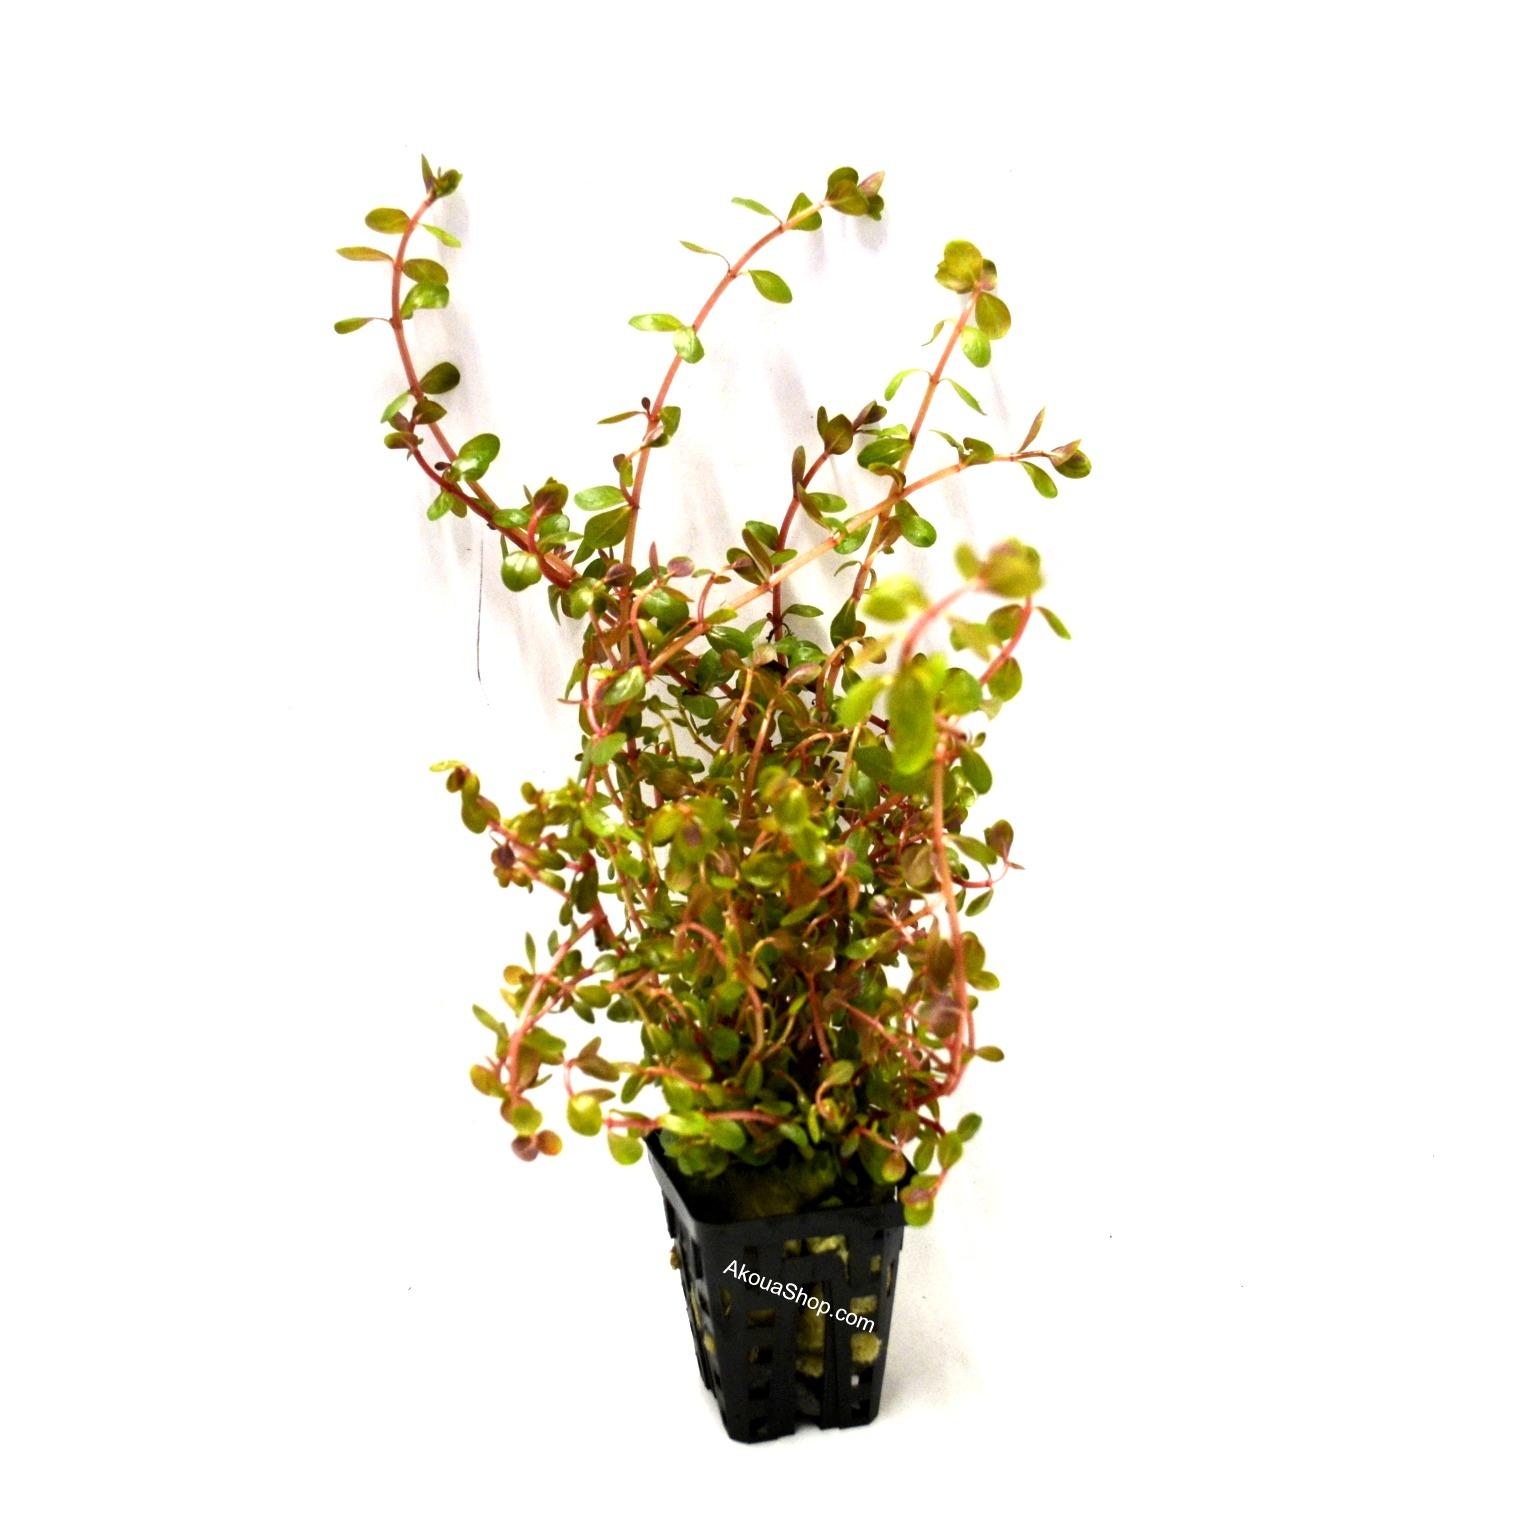 Rotala indica plante d\'aquarium en pot de diamètre 5 cm